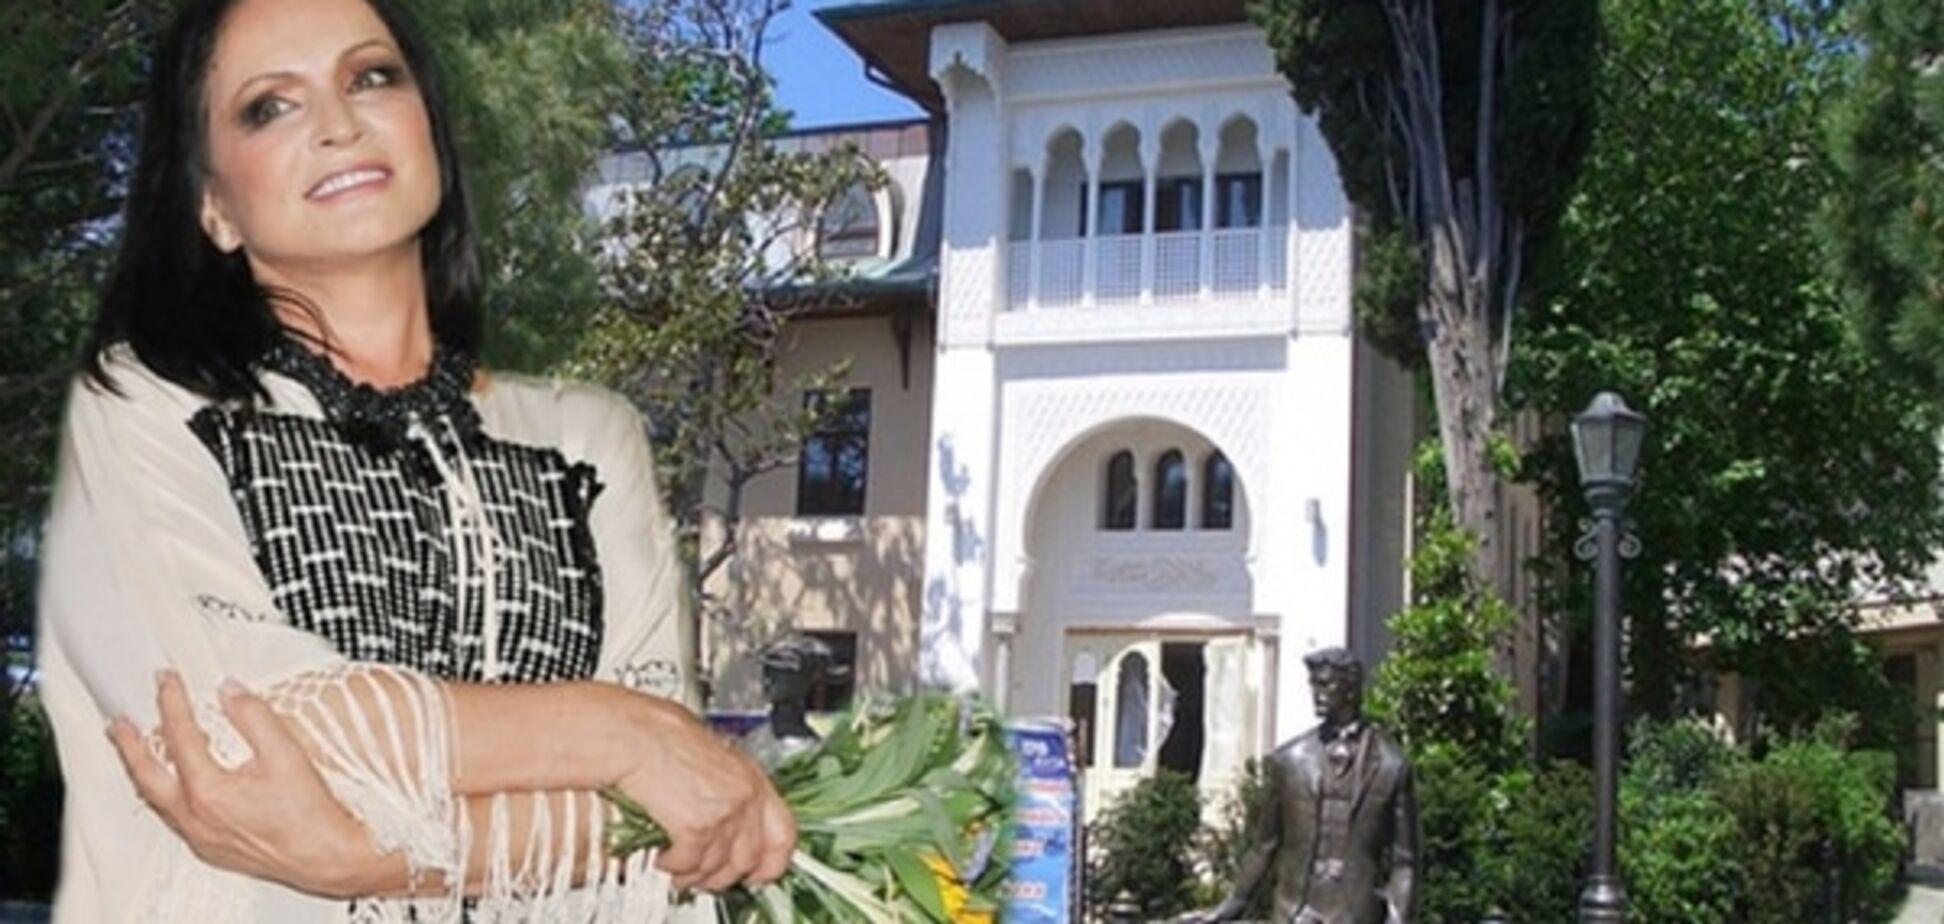 Гламурний готель Ротару постраждав від блокади Криму: нічим годувати VIP-гостей